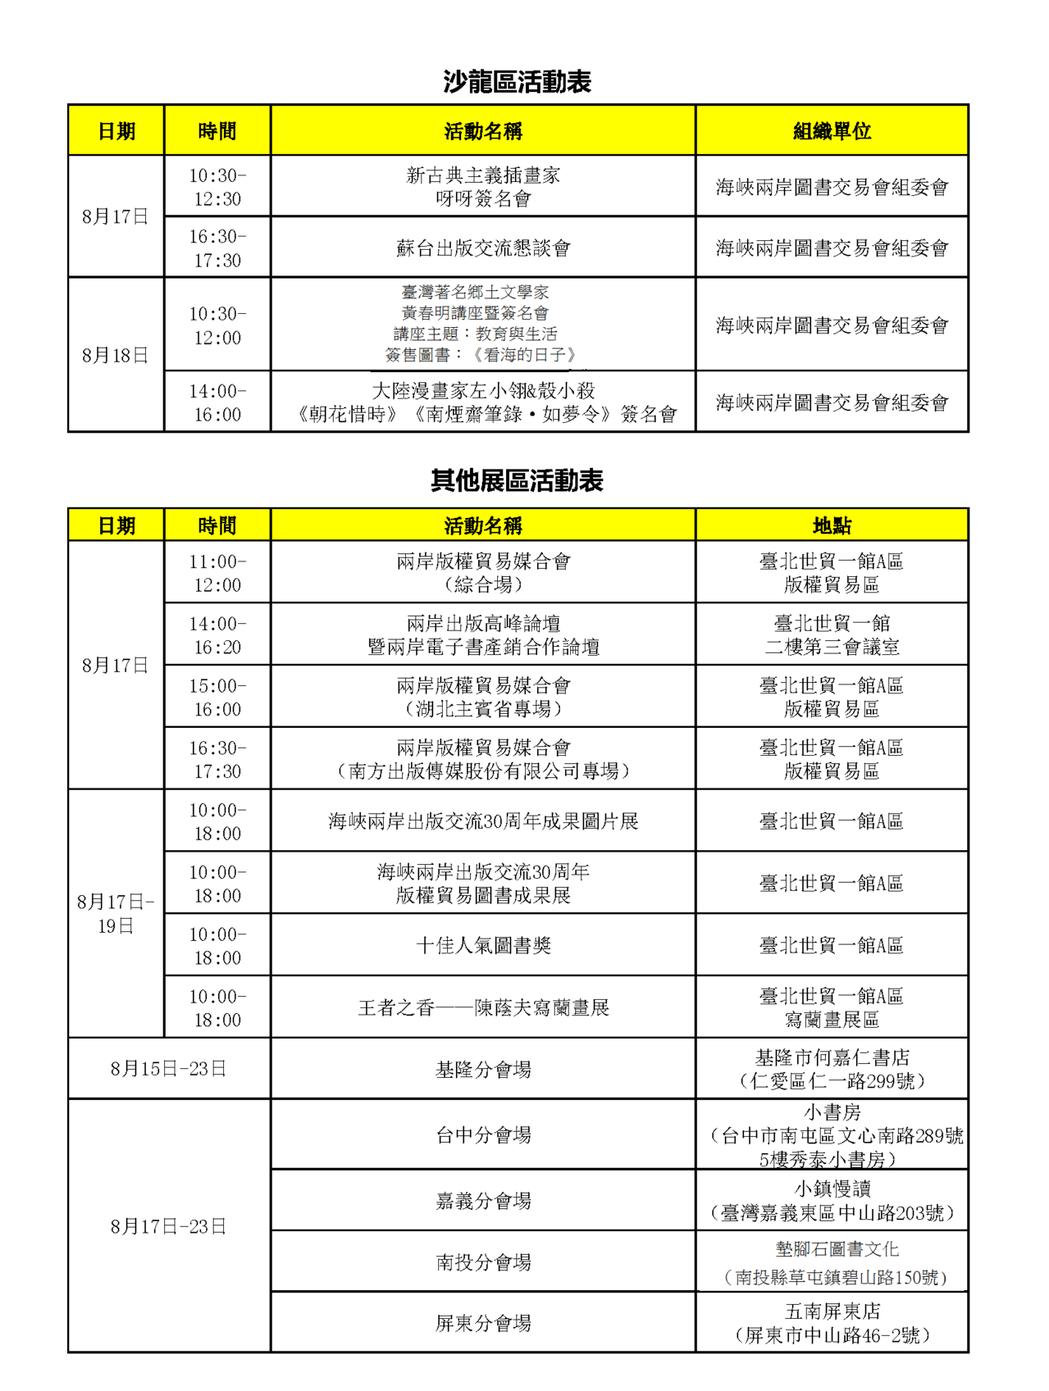 沙龍區與其他展區活動節目表。 圖/海峽兩岸圖書交易會提供